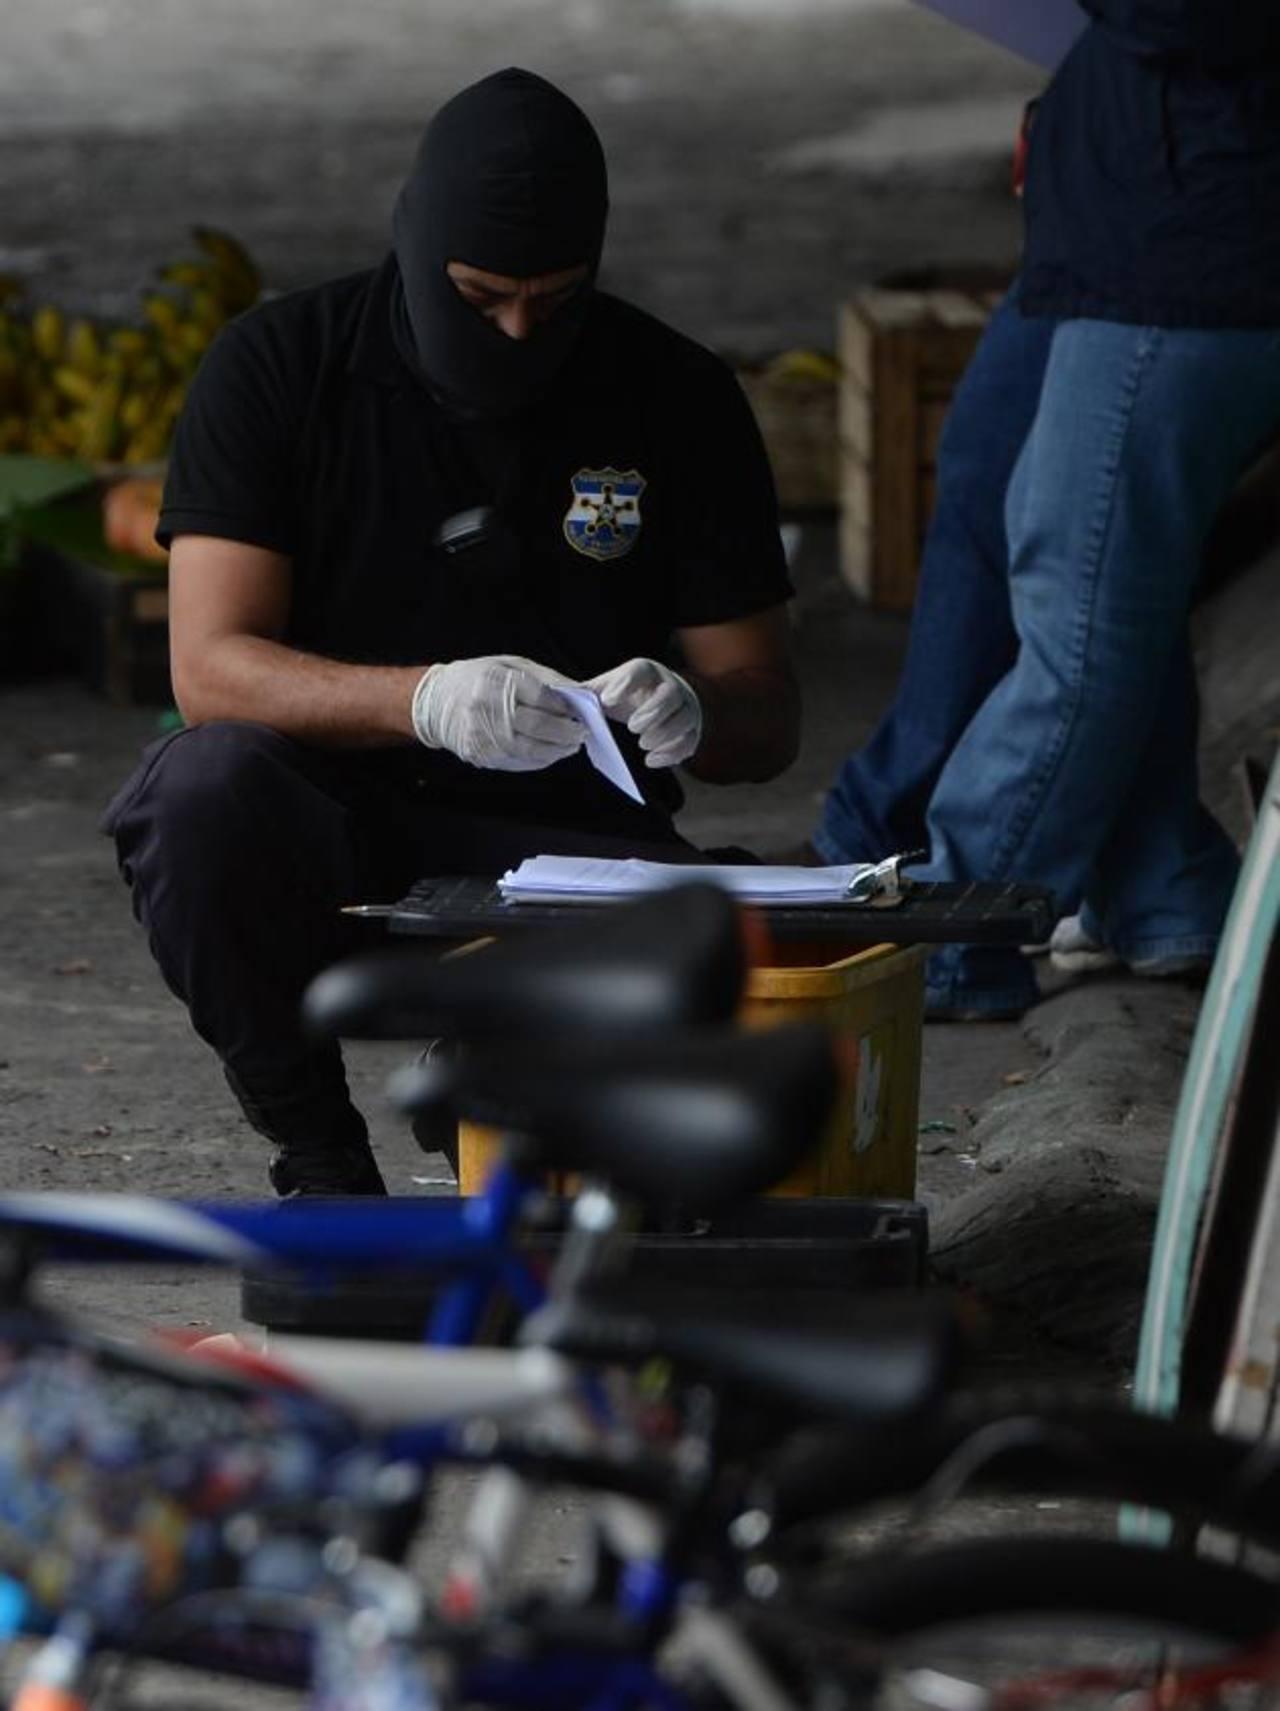 Un investigador recaba evidencias en donde fue ultimado uno de los supuestos pandilleros, en Mejicanos. Foto EDH / Jaime Anaya